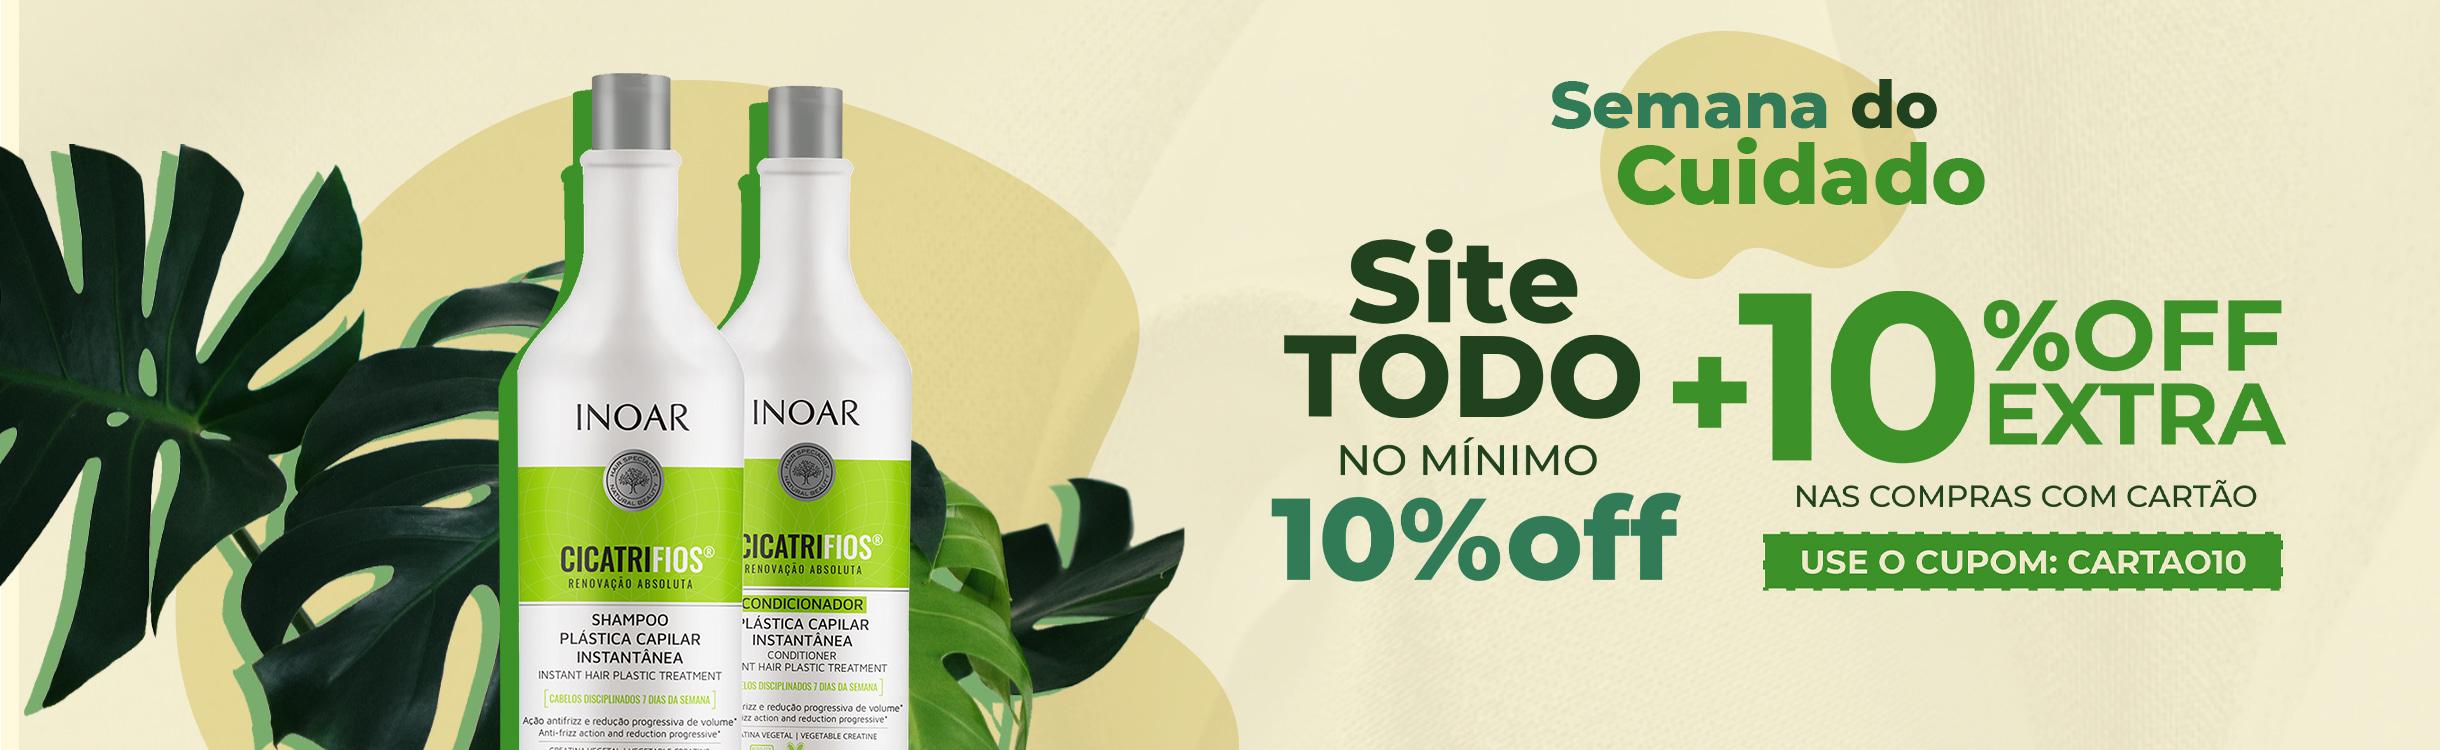 Site TODO com no mínimo 10% OFF  + 10%OFF Extra